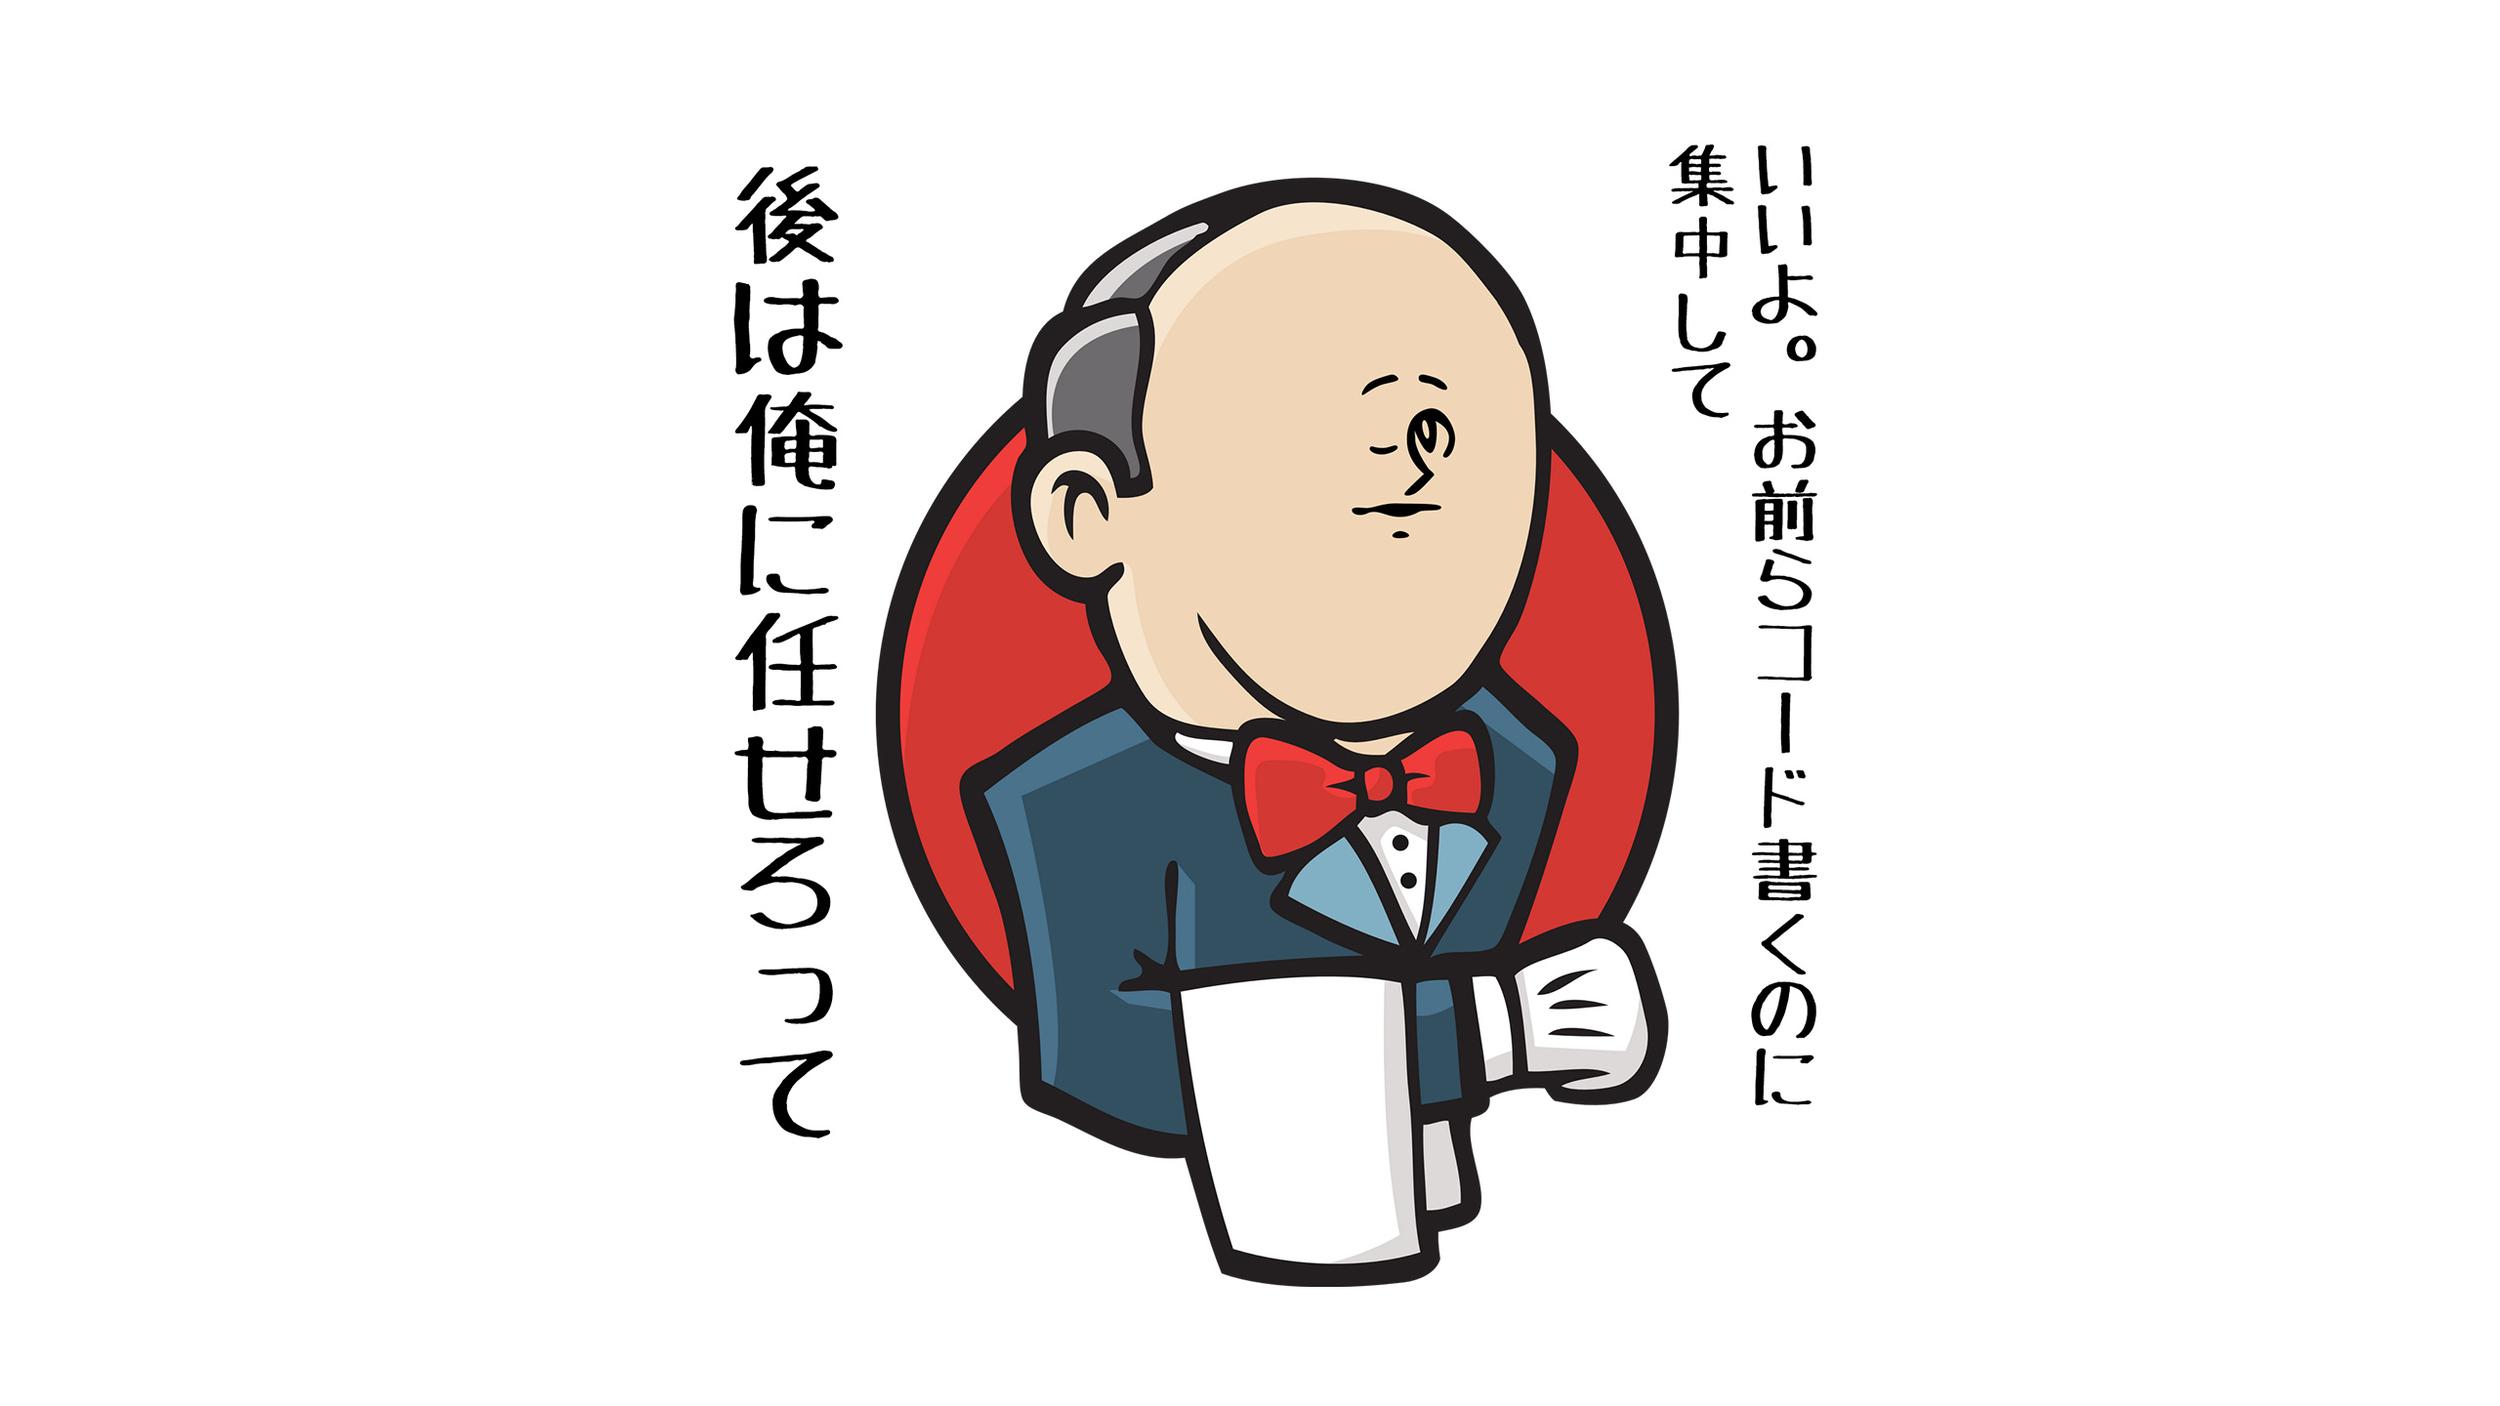 邪道Jenkins(スライド) — HAZI